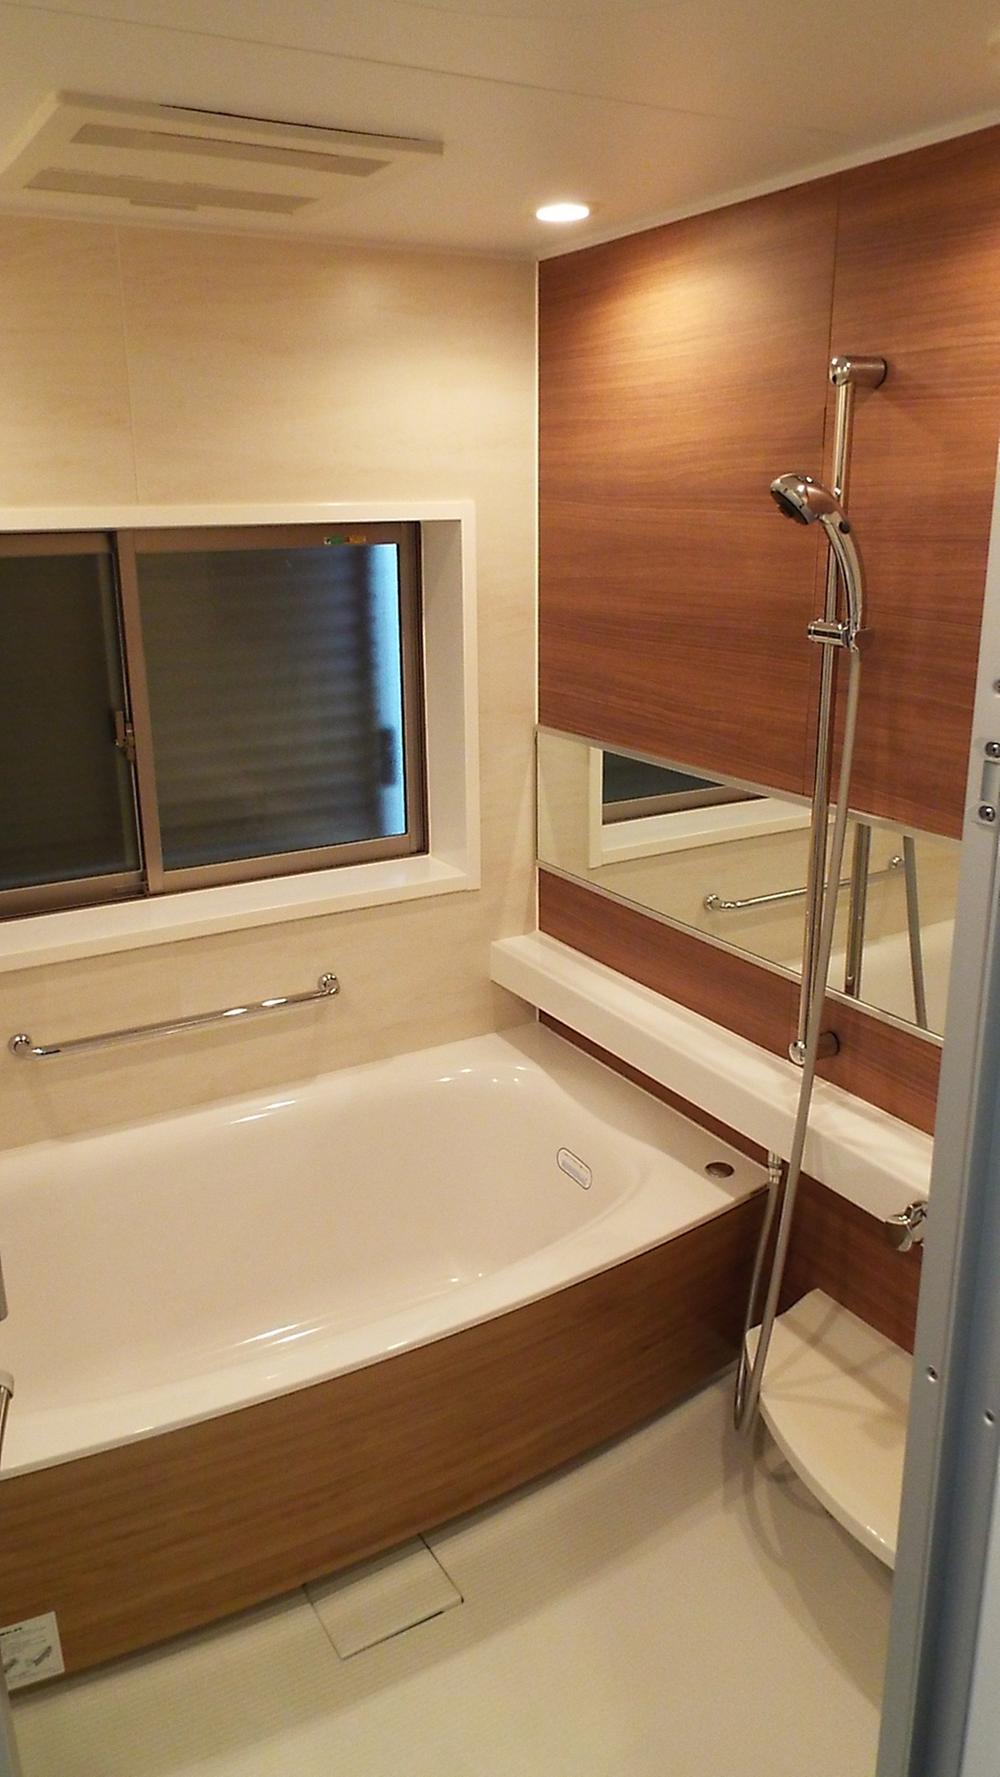 浴室乾燥暖房付きのおしゃれな浴室。